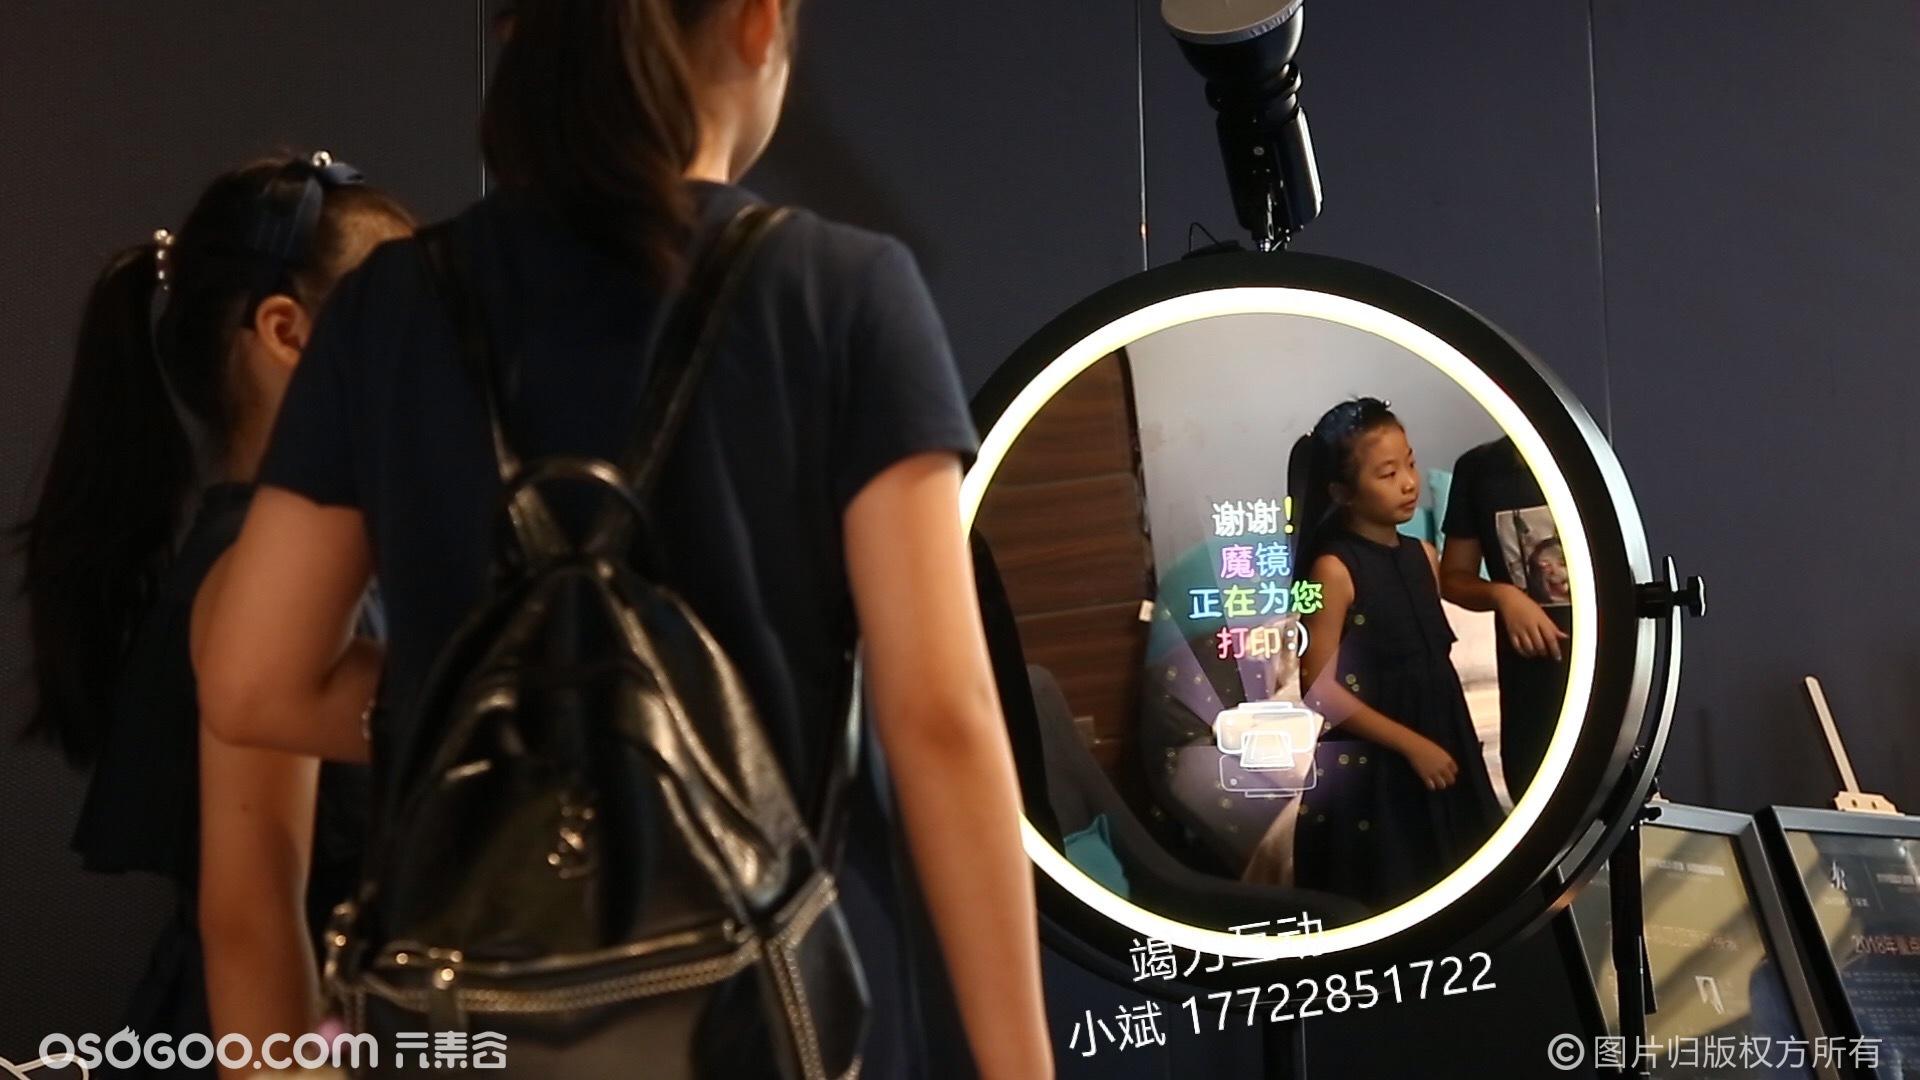 2020年最新顶尖时尚创意-魔镜自拍互动